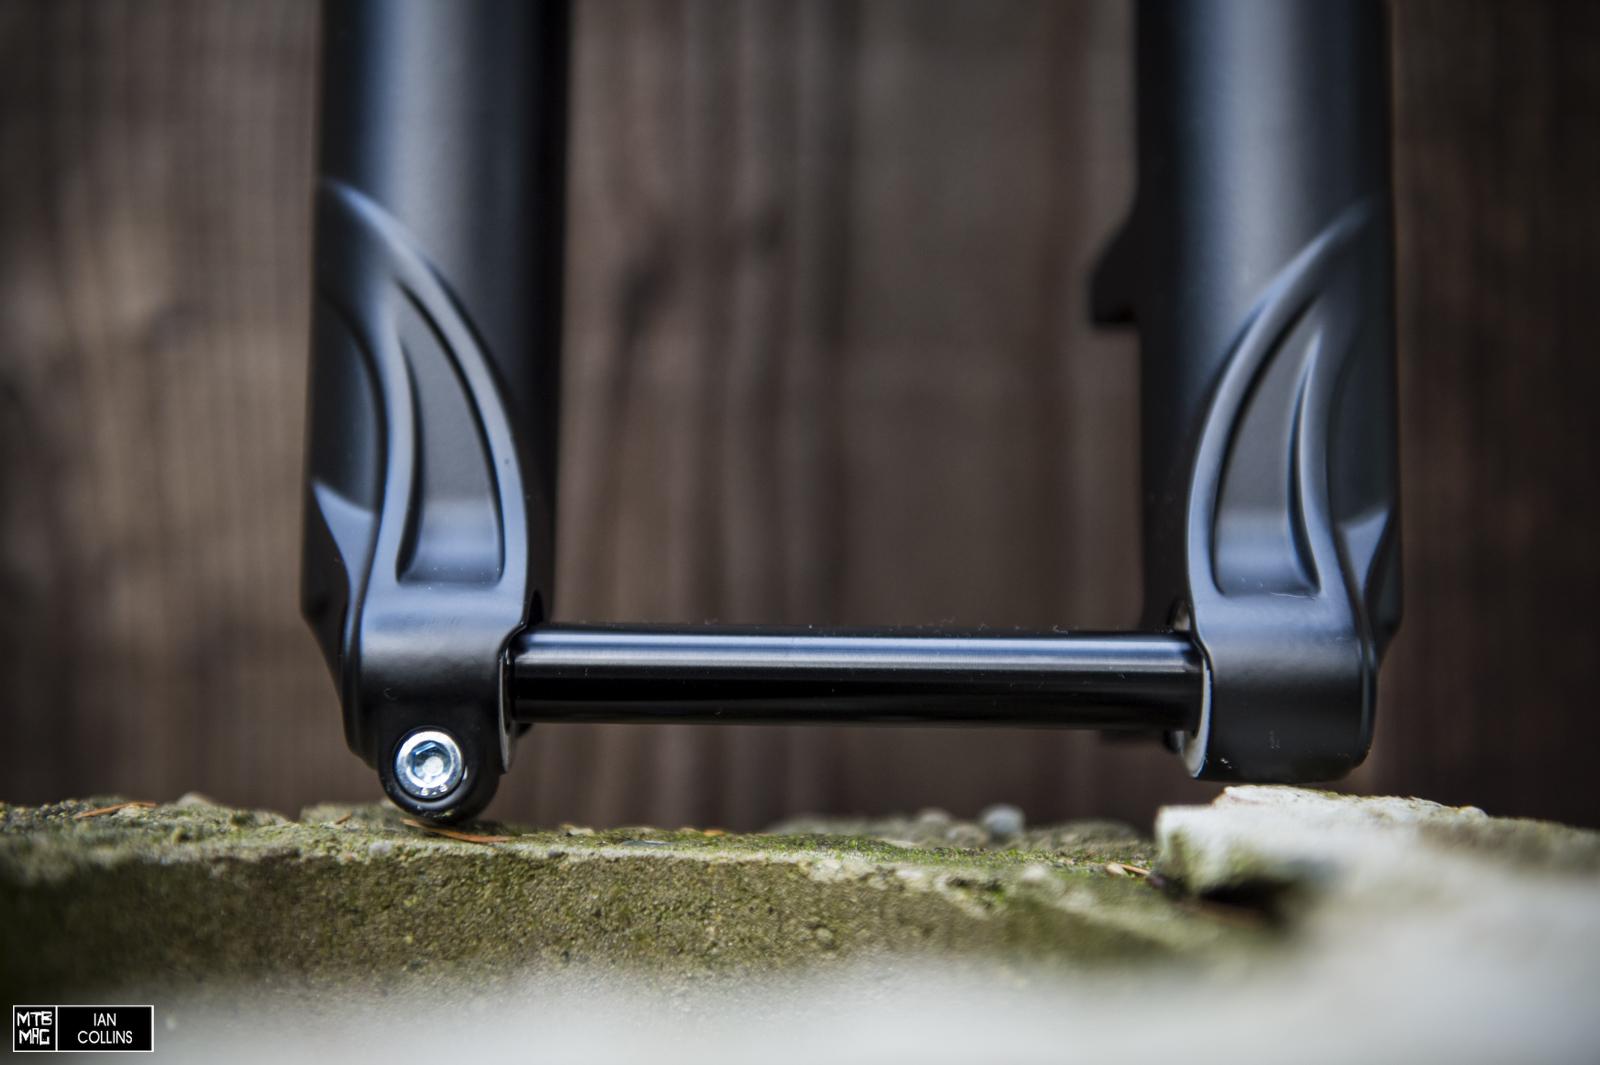 Single side pinch bolt. Keep it simple.